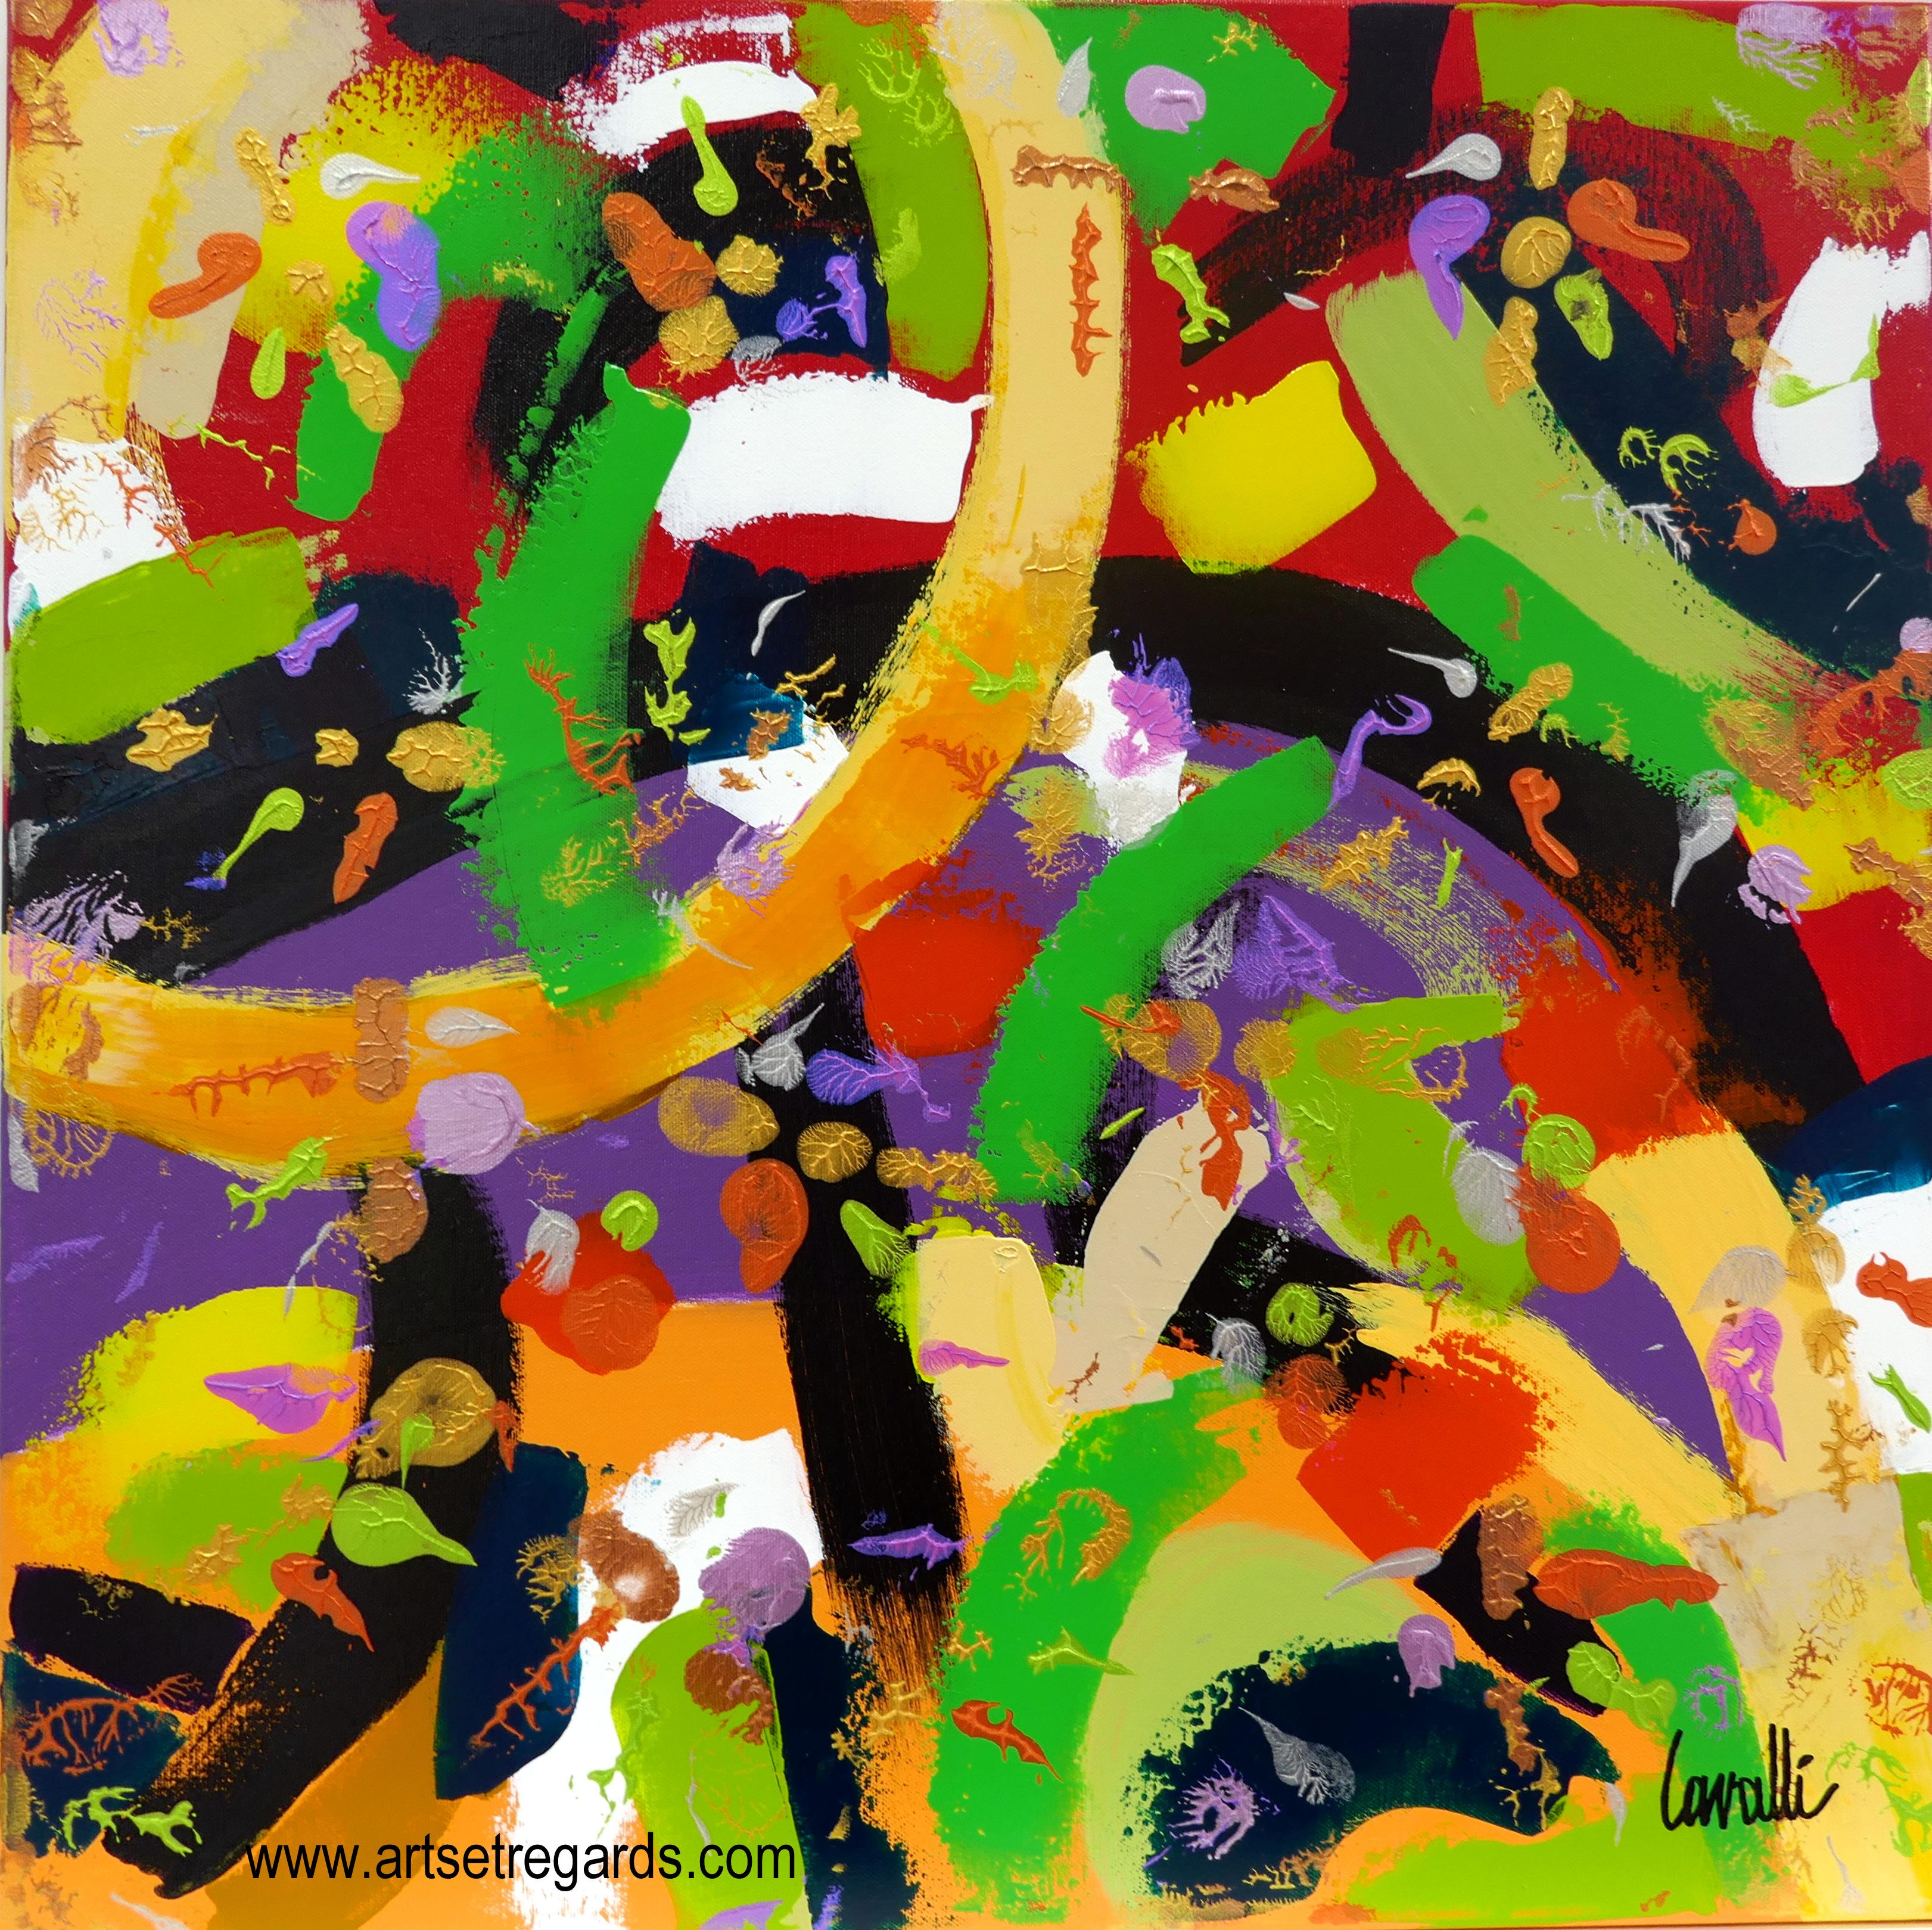 Tableau pascal cavalli sur toile rossoverde 60x60